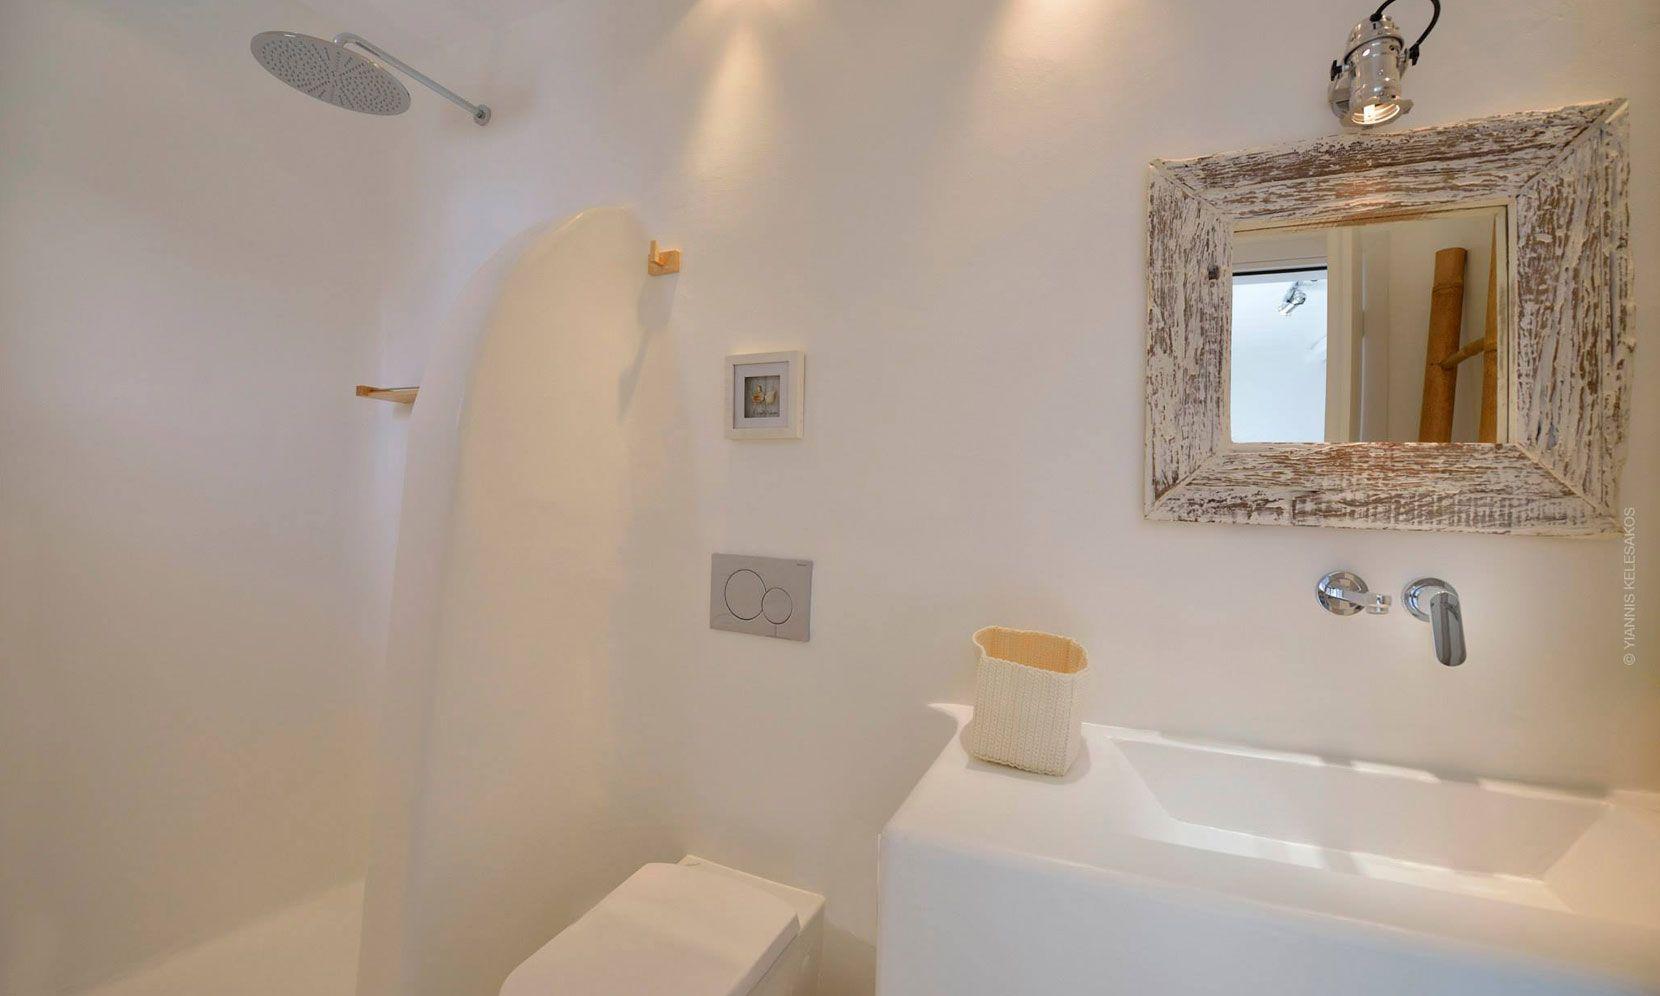 villa lucio mykonos bathroom